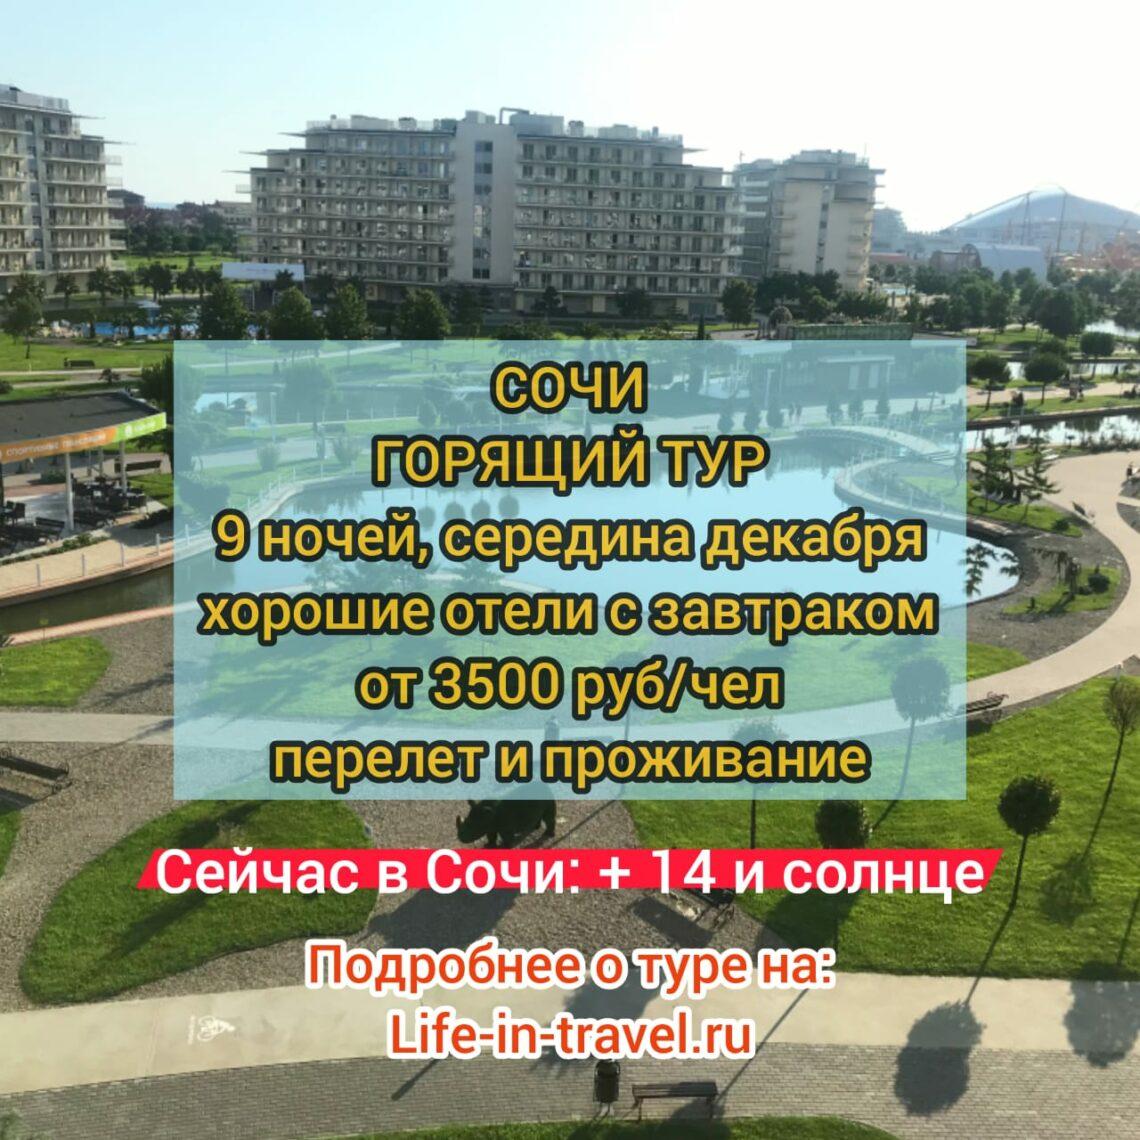 Тур в Сочи из Москвы